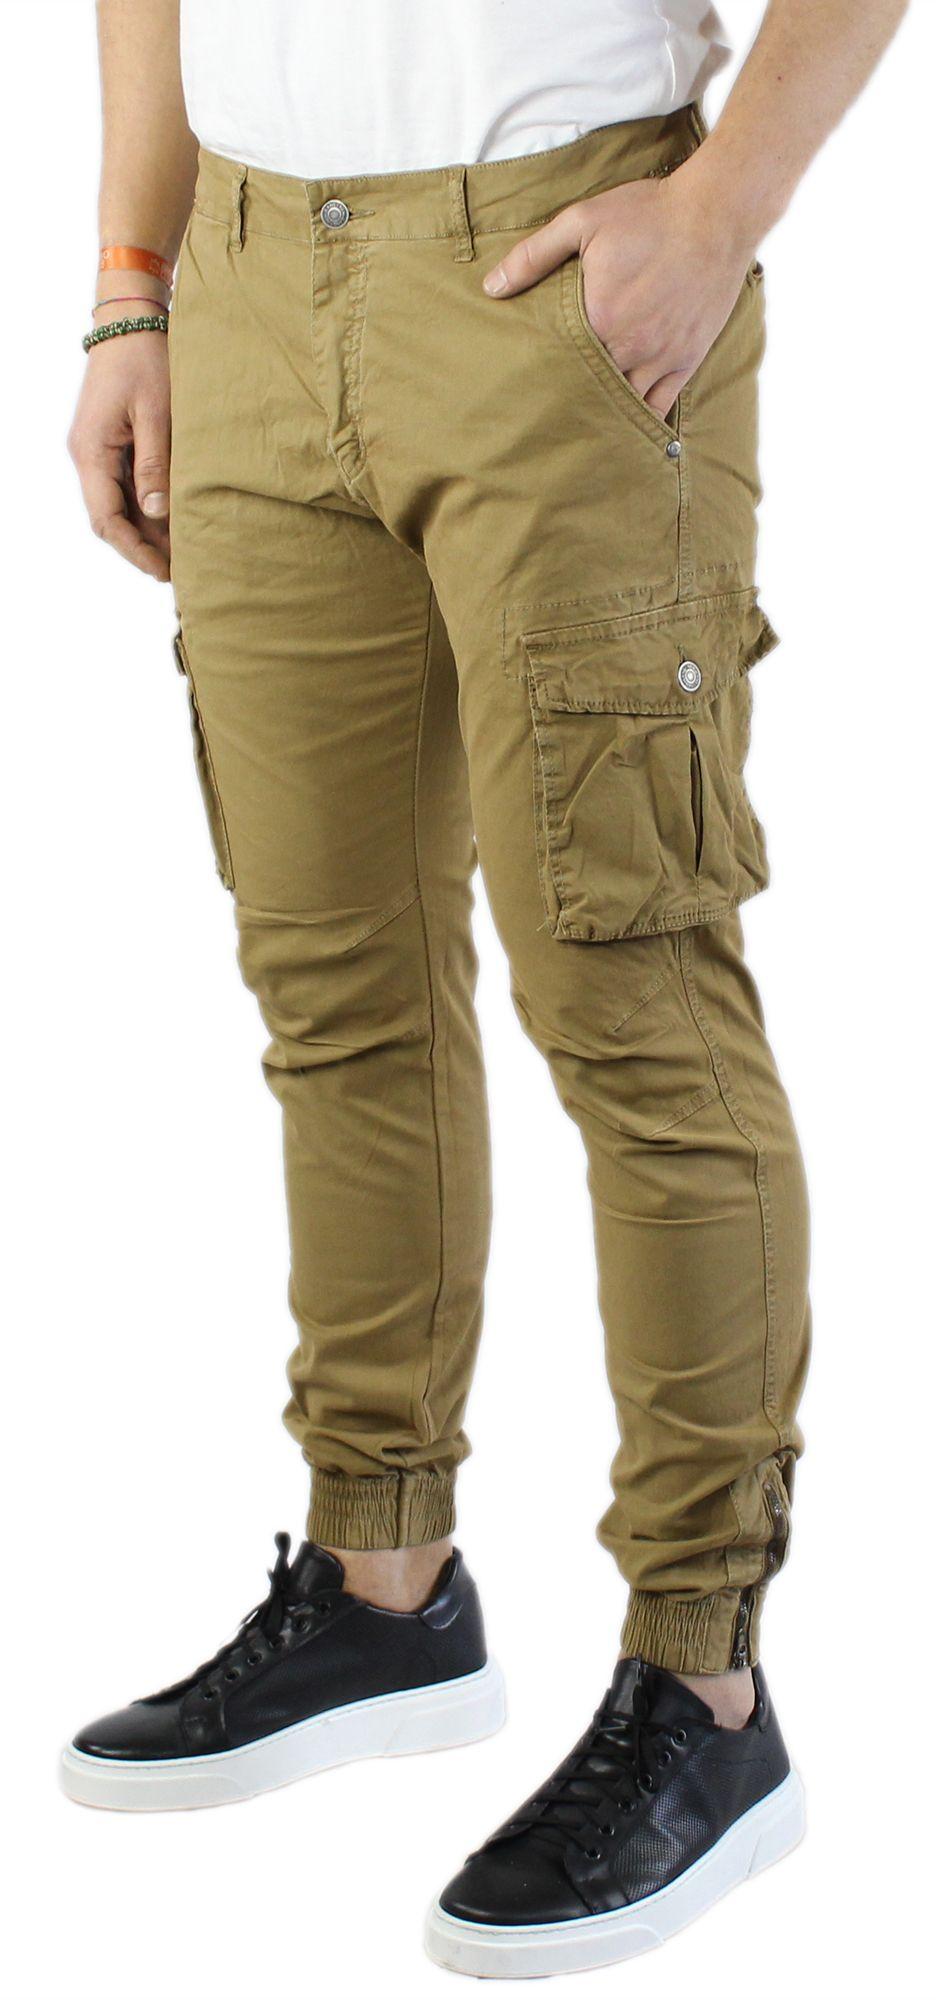 Pantaloni-Uomo-Cargo-in-Cotone-Pantalone-Tasconi-Laterali-Slim-Fit-Leggero miniatura 16